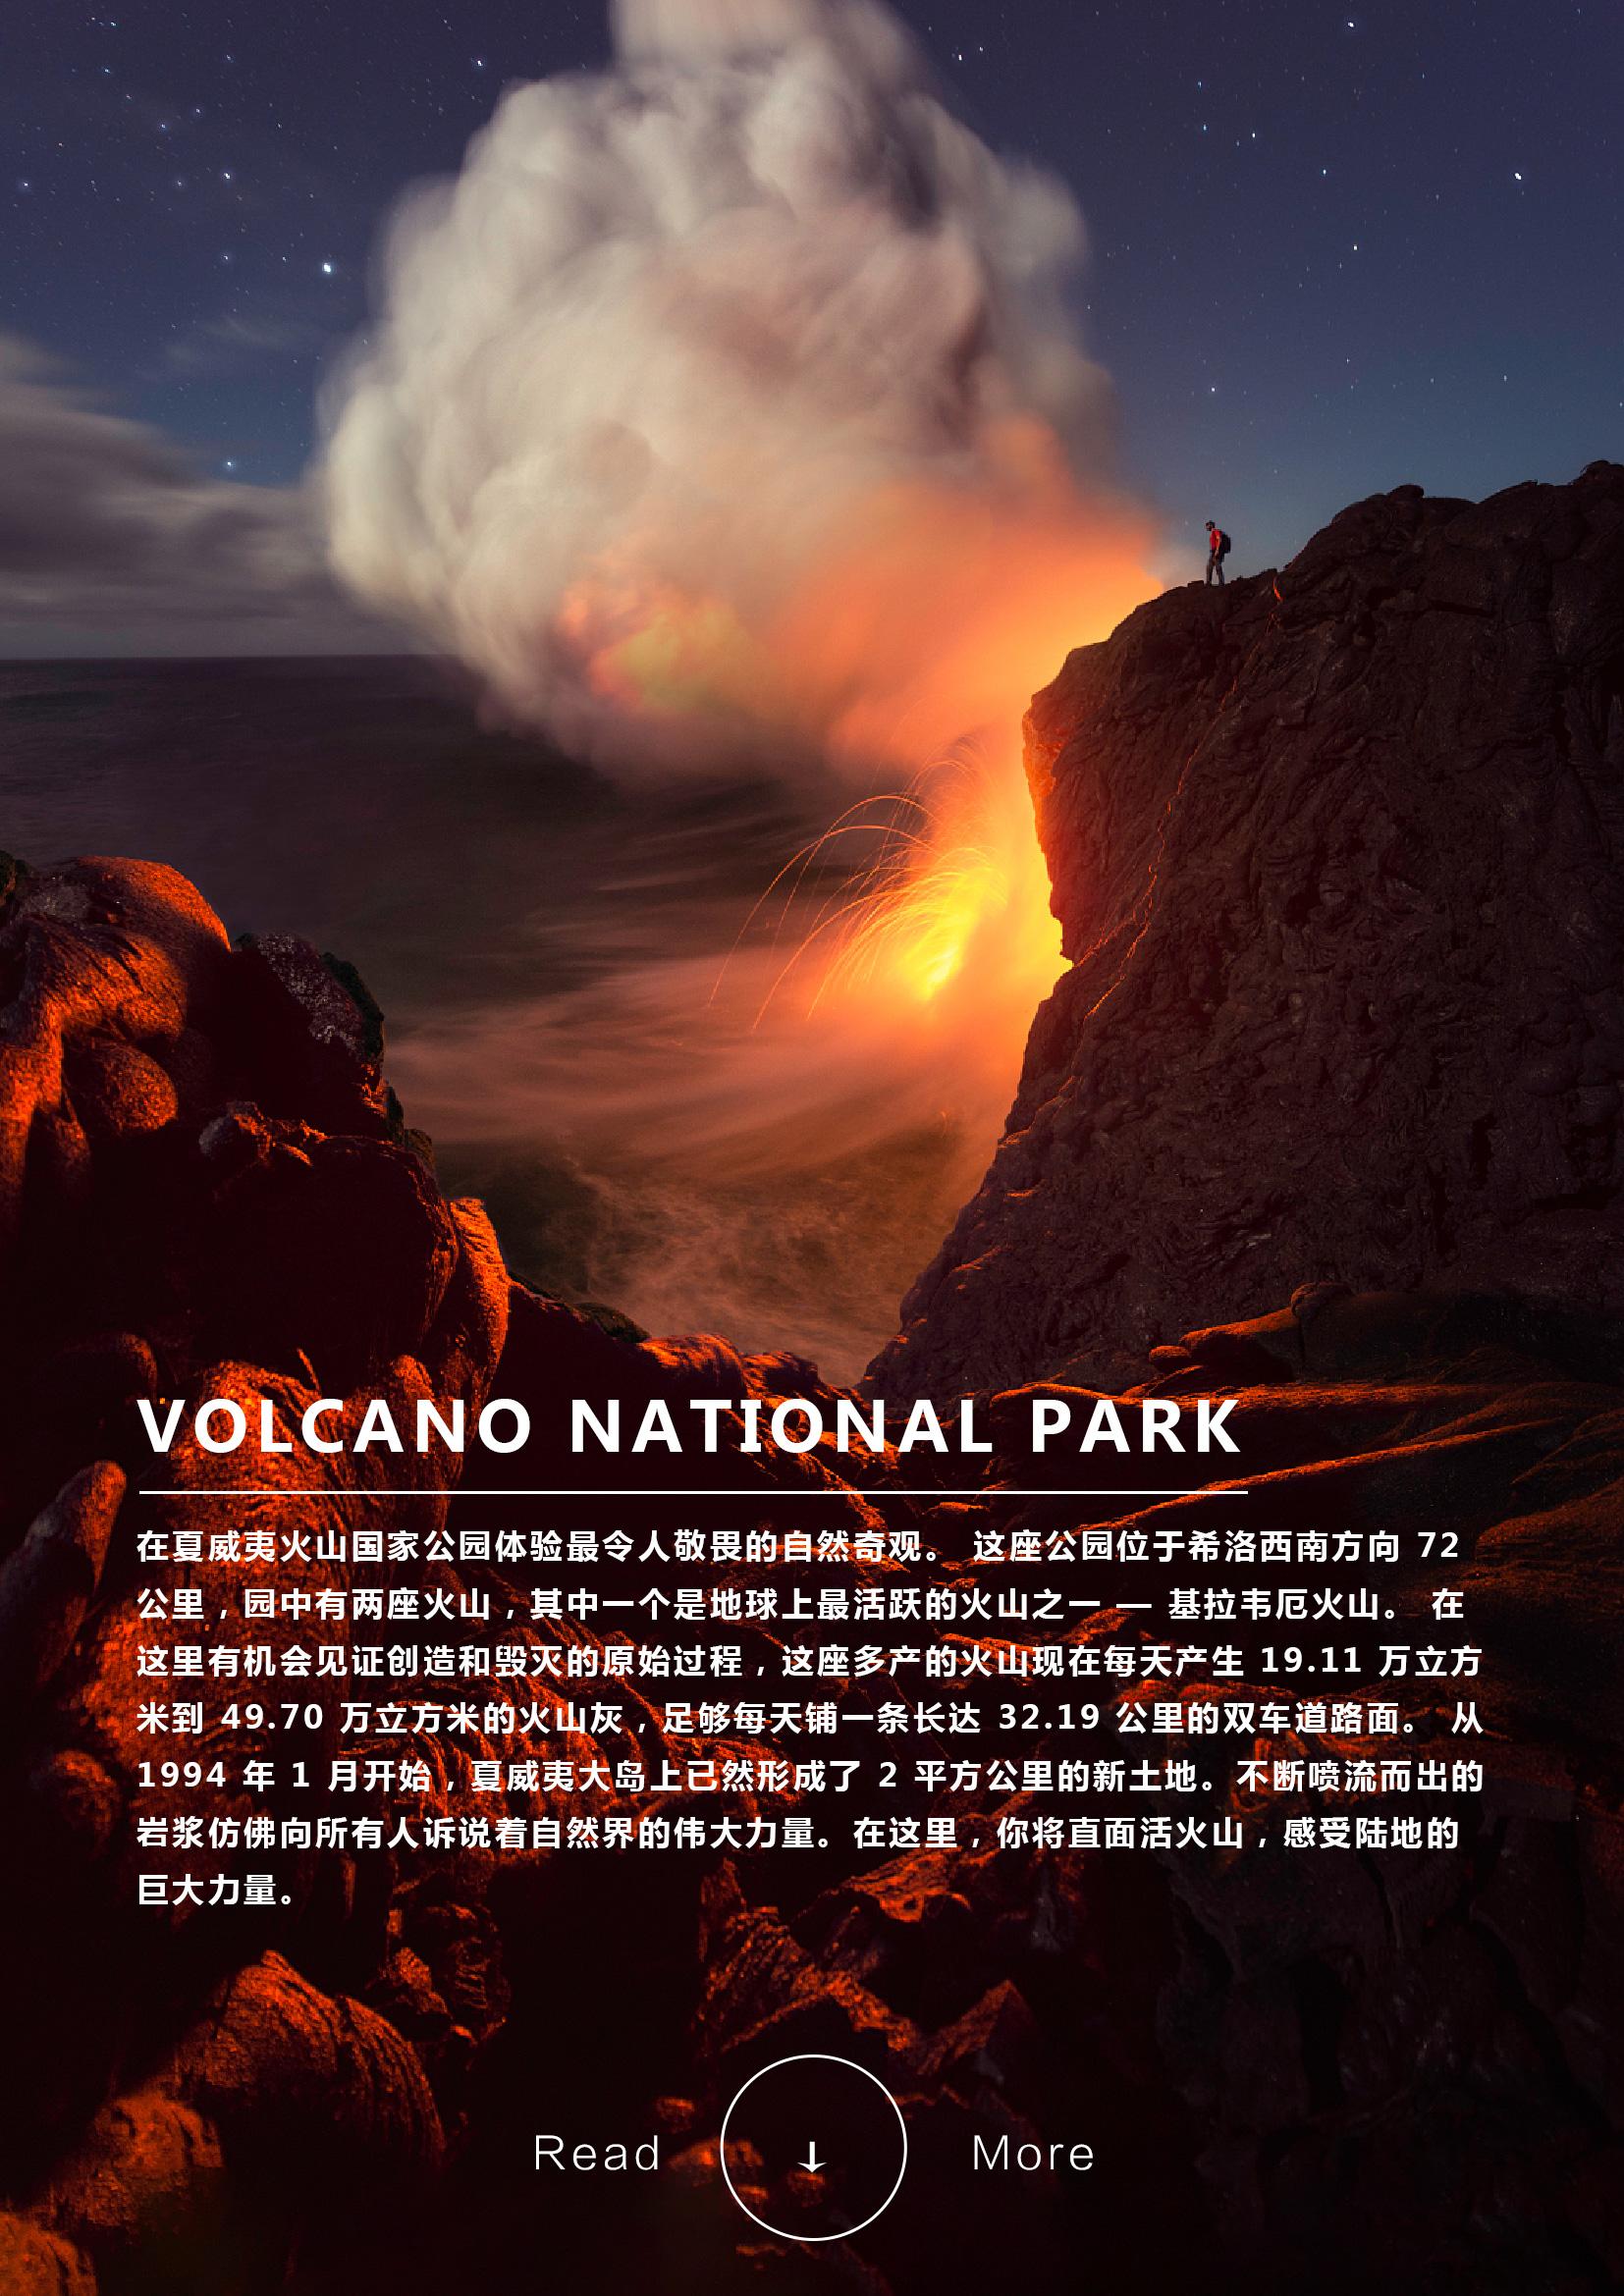 火山探秘——夏威夷欧胡岛+大岛深度7日天堂绝景之旅Volcano-National-Park.jpg